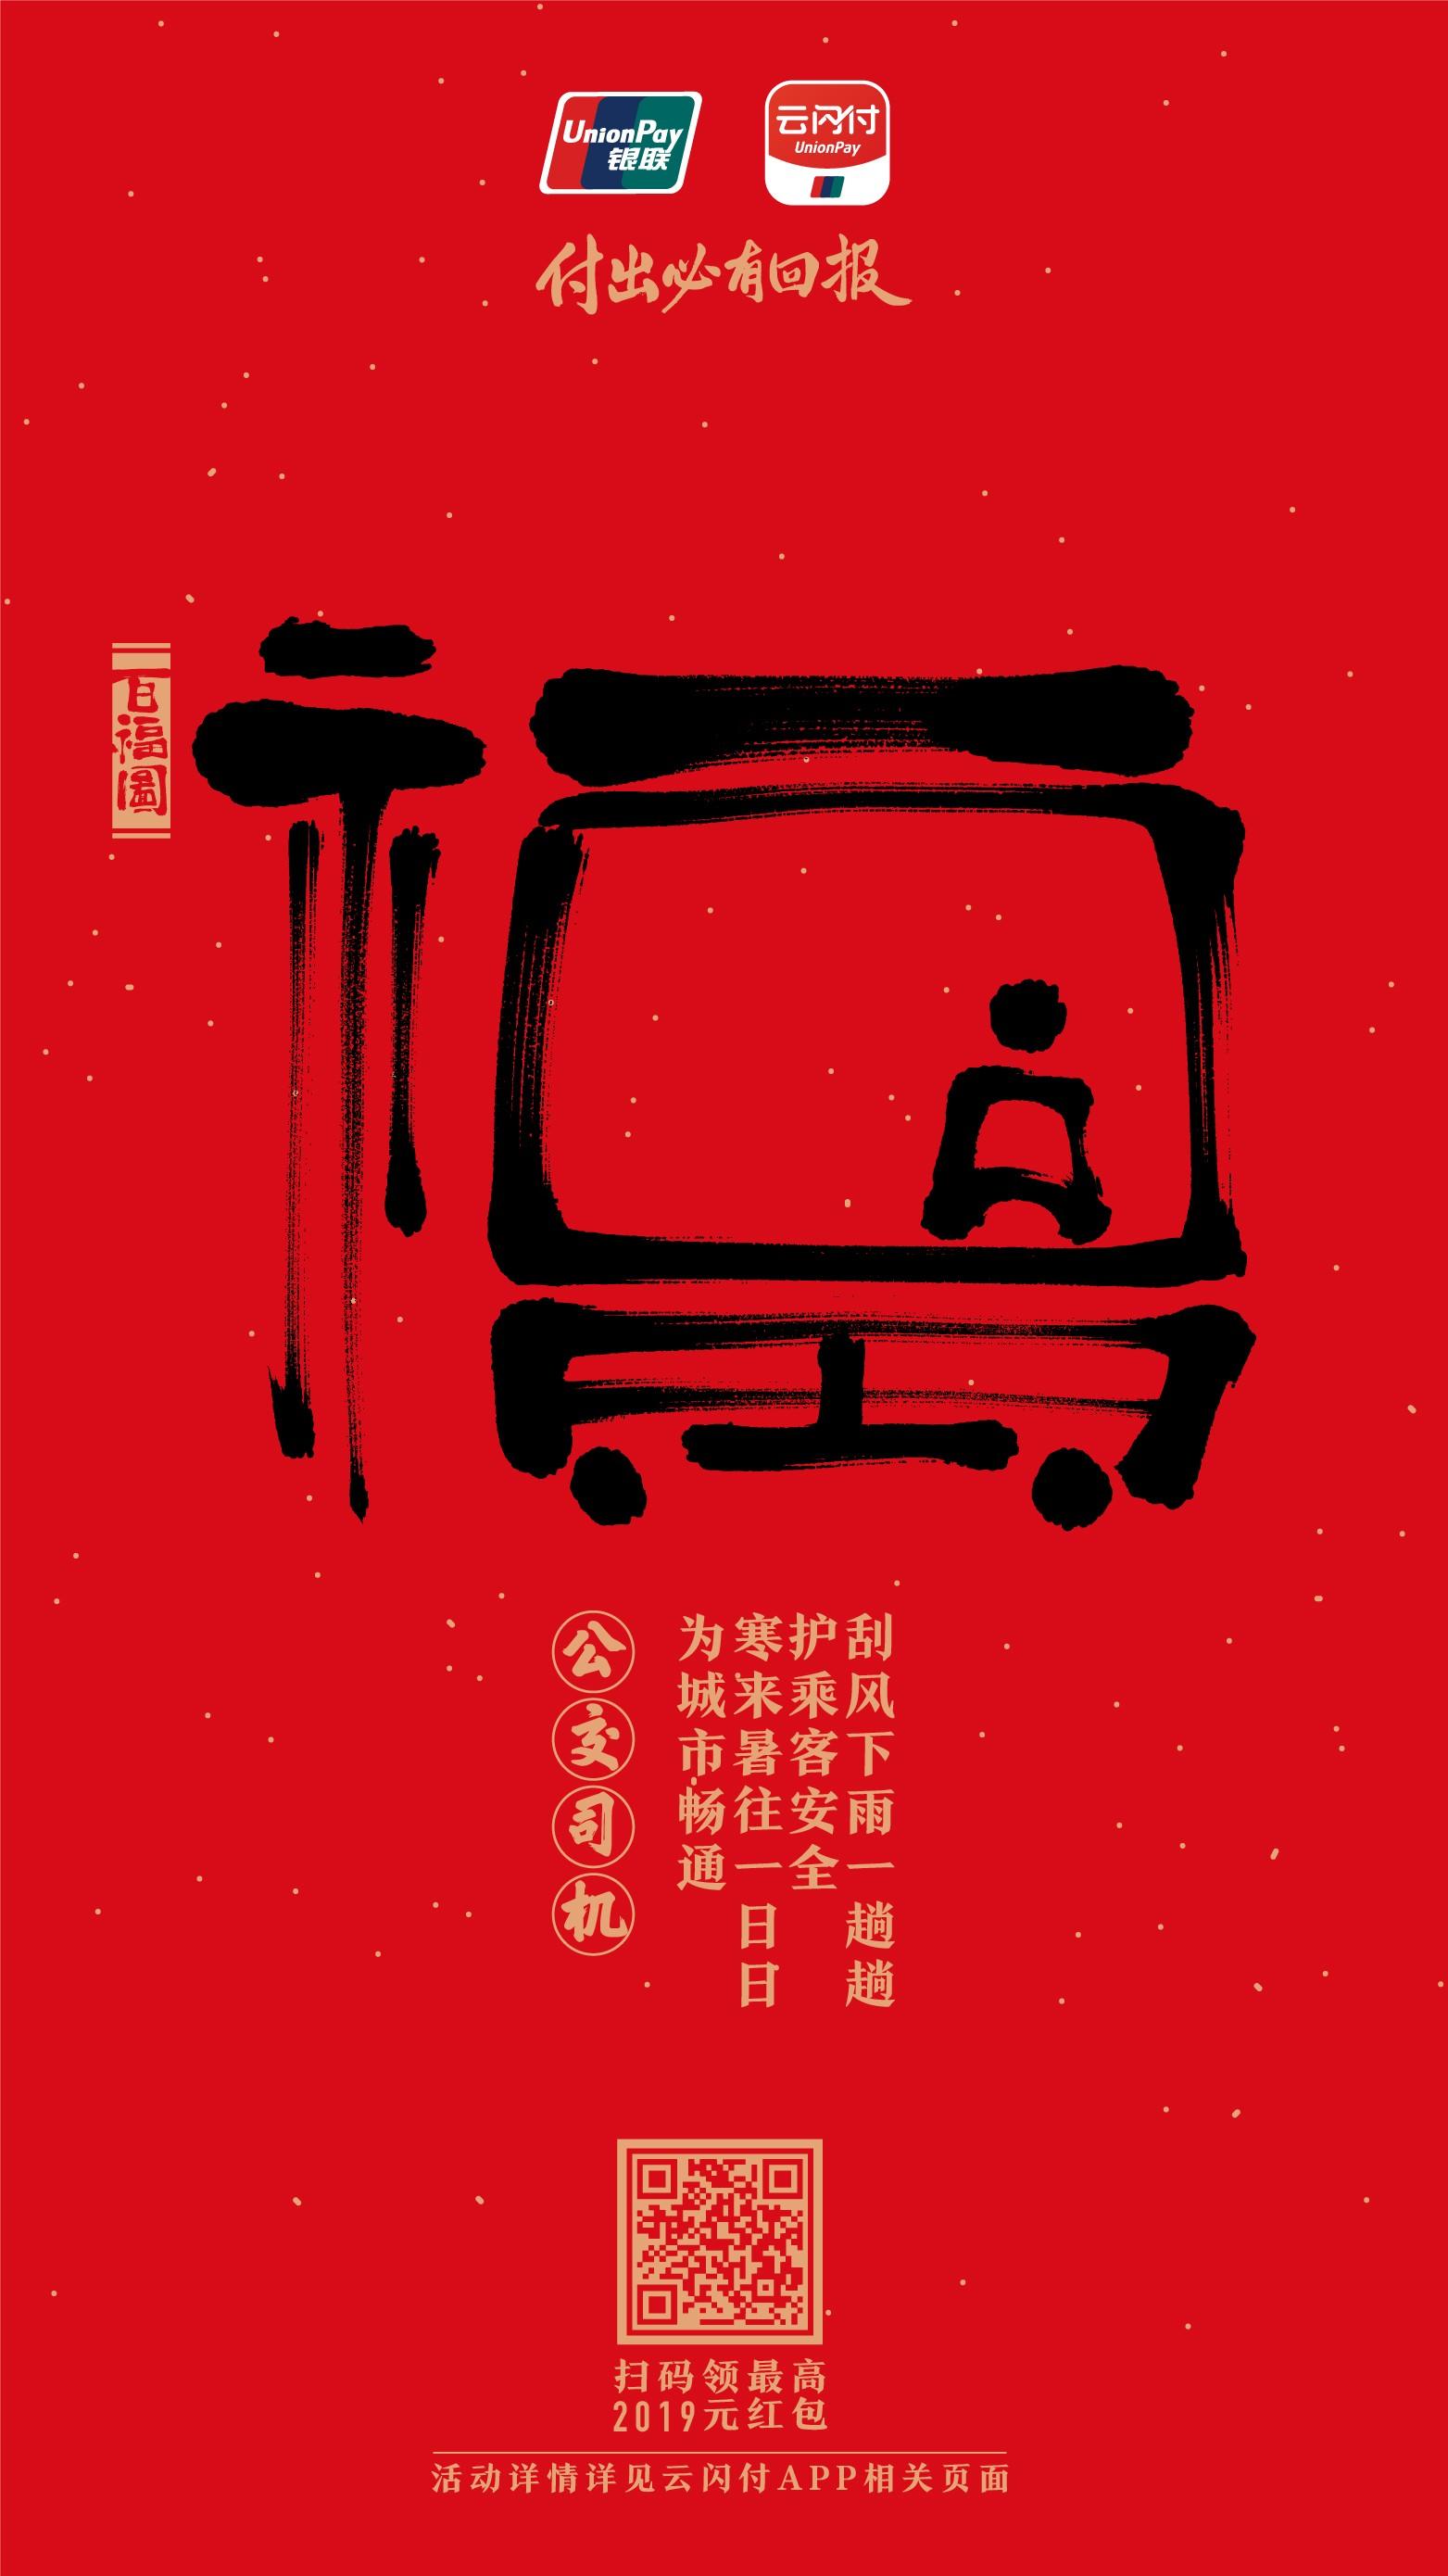 14-公交司机.jpg